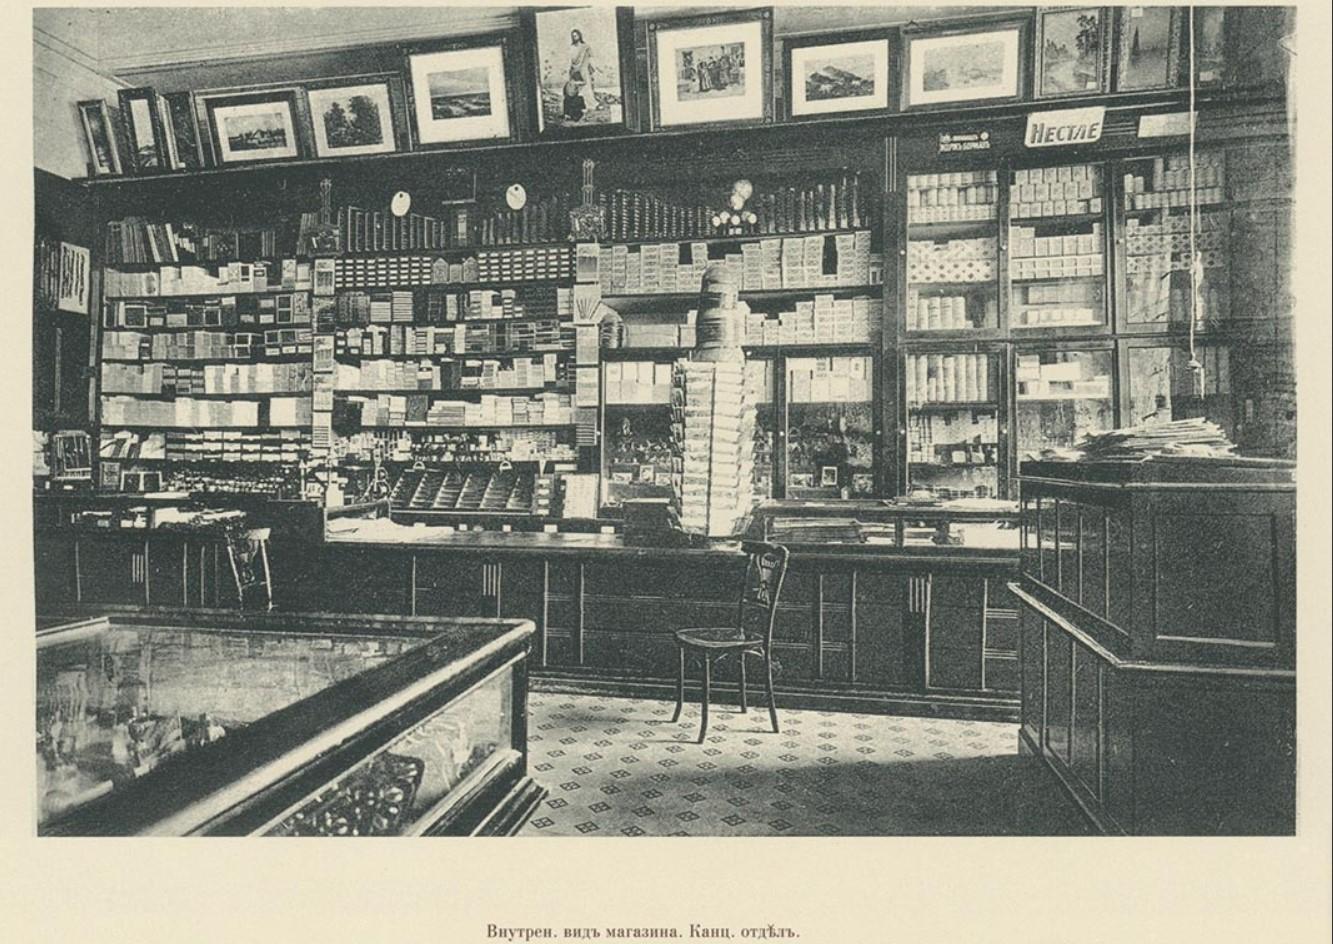 02. Внутренний вид магазина. Канцелярский отдел